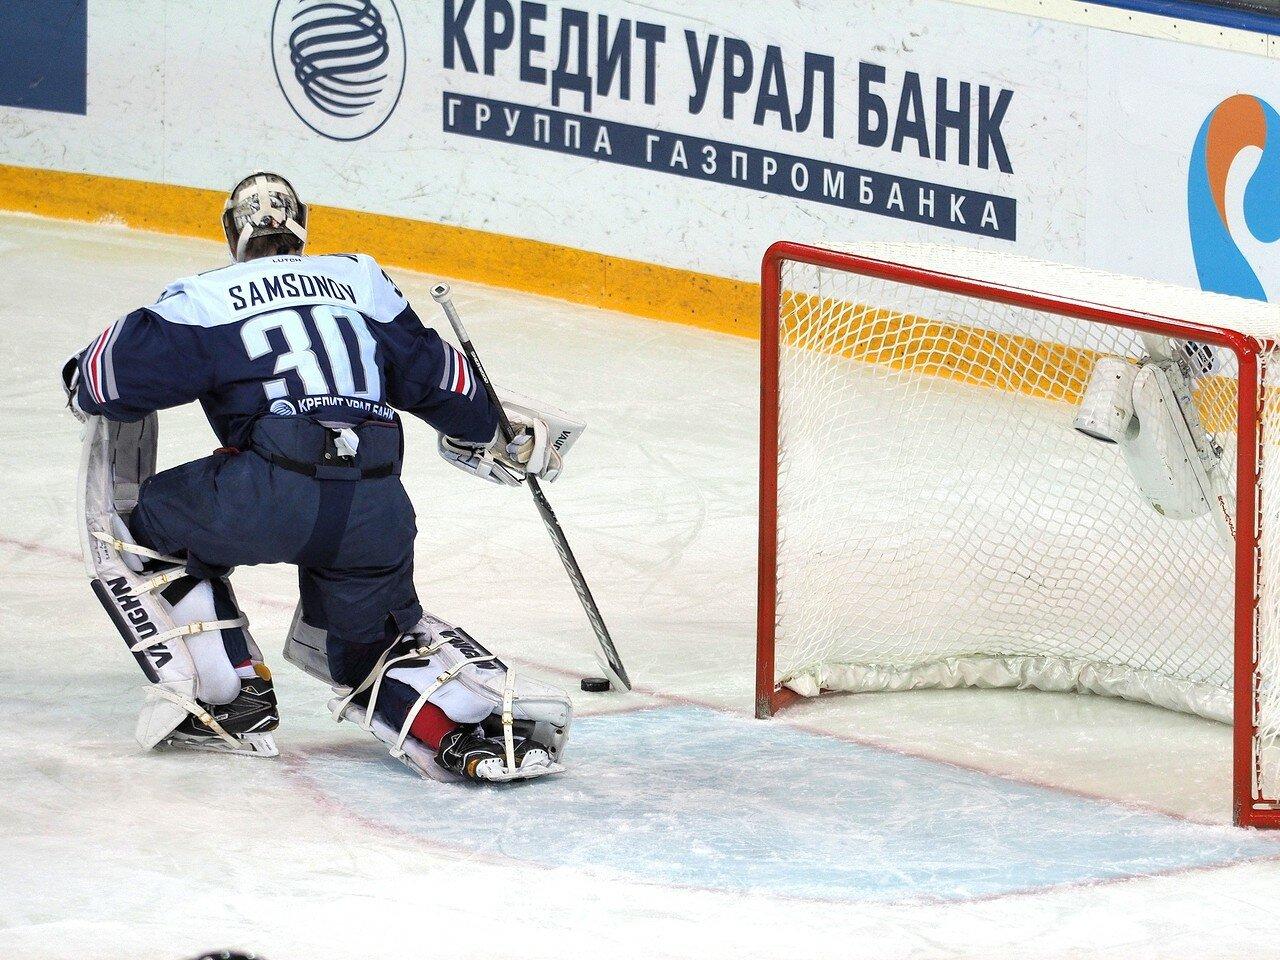 57Металлург - Локомотив 23.11.2016